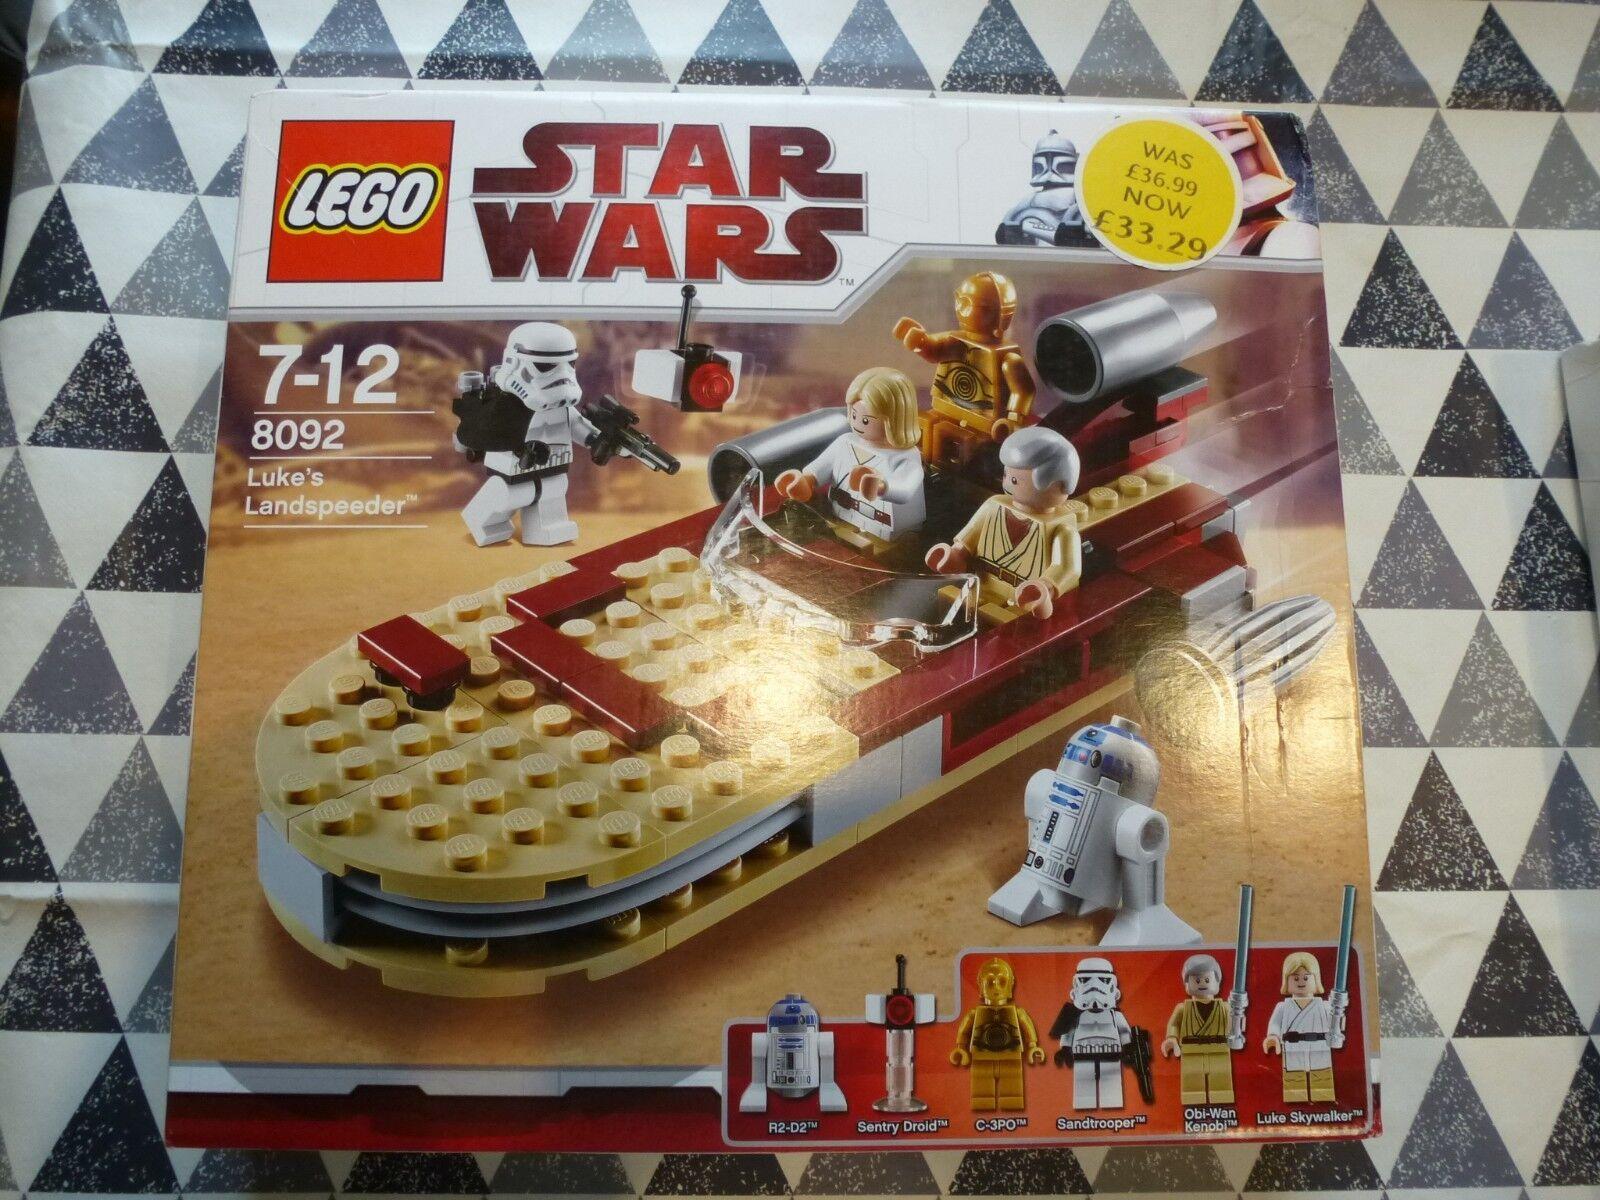 LEGO NEW 8092 Star Wars Lukes Landspeeder 2010  See Pics